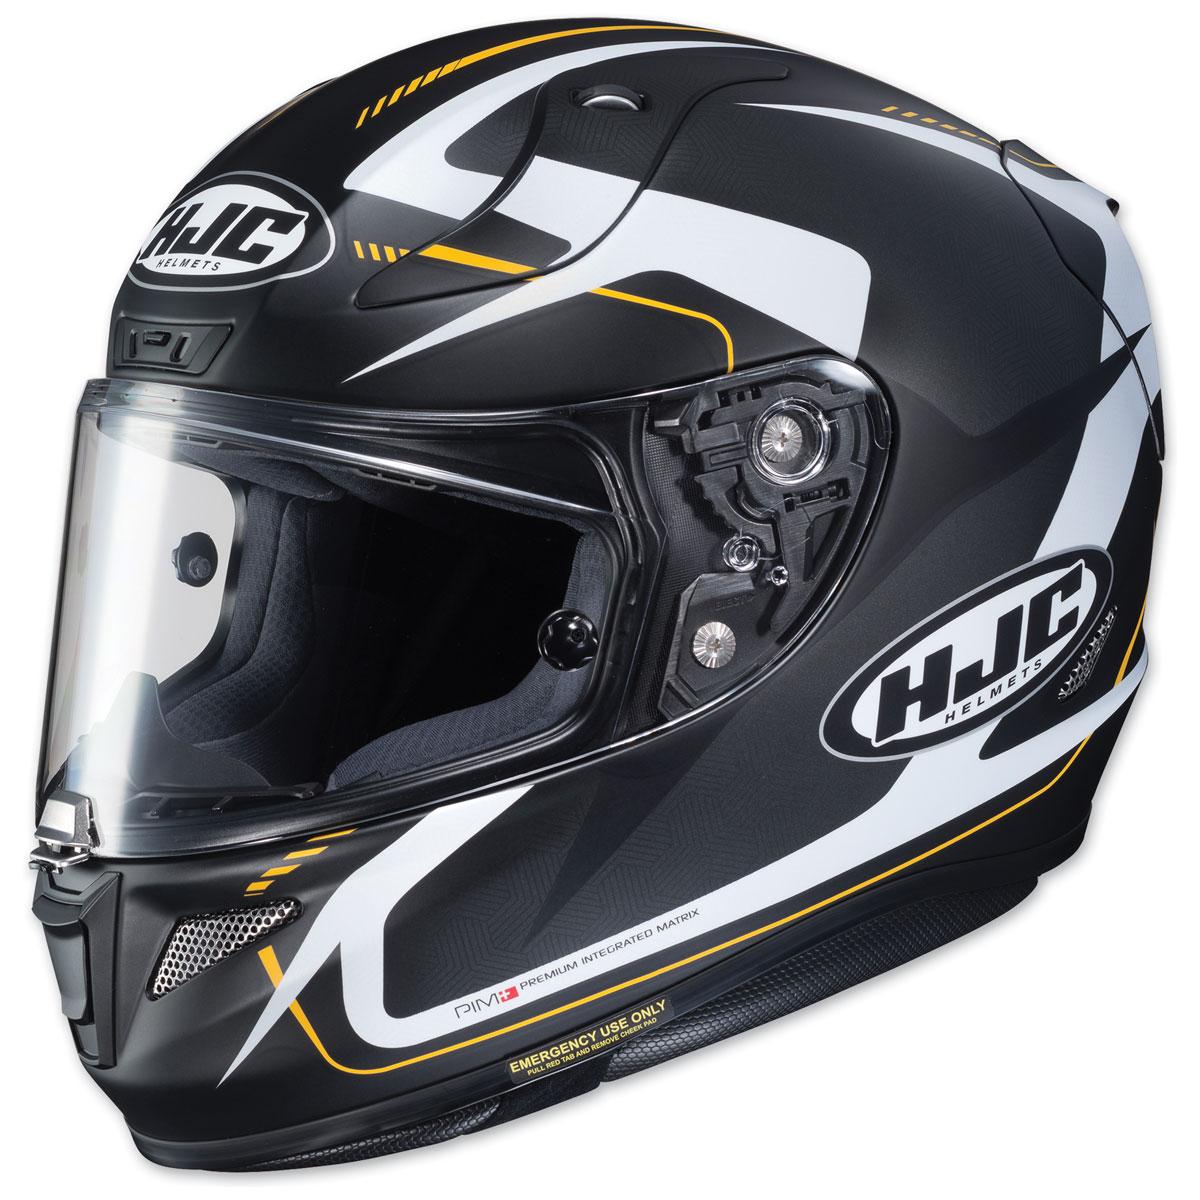 HJC RPHA 11 Pro Bludom Black/White/Yellow Full Face Helmet